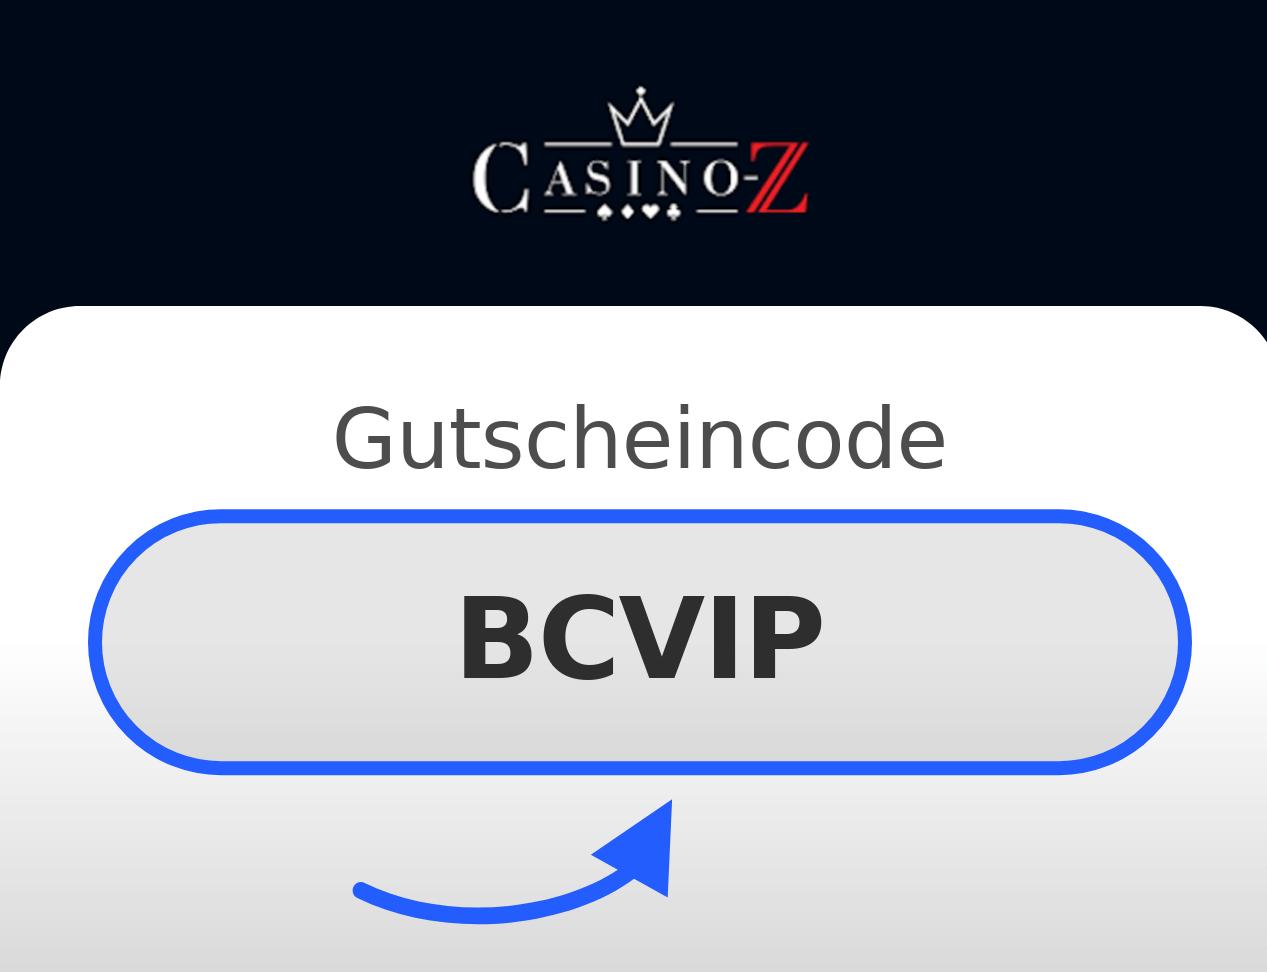 Casino Z Gutscheincode